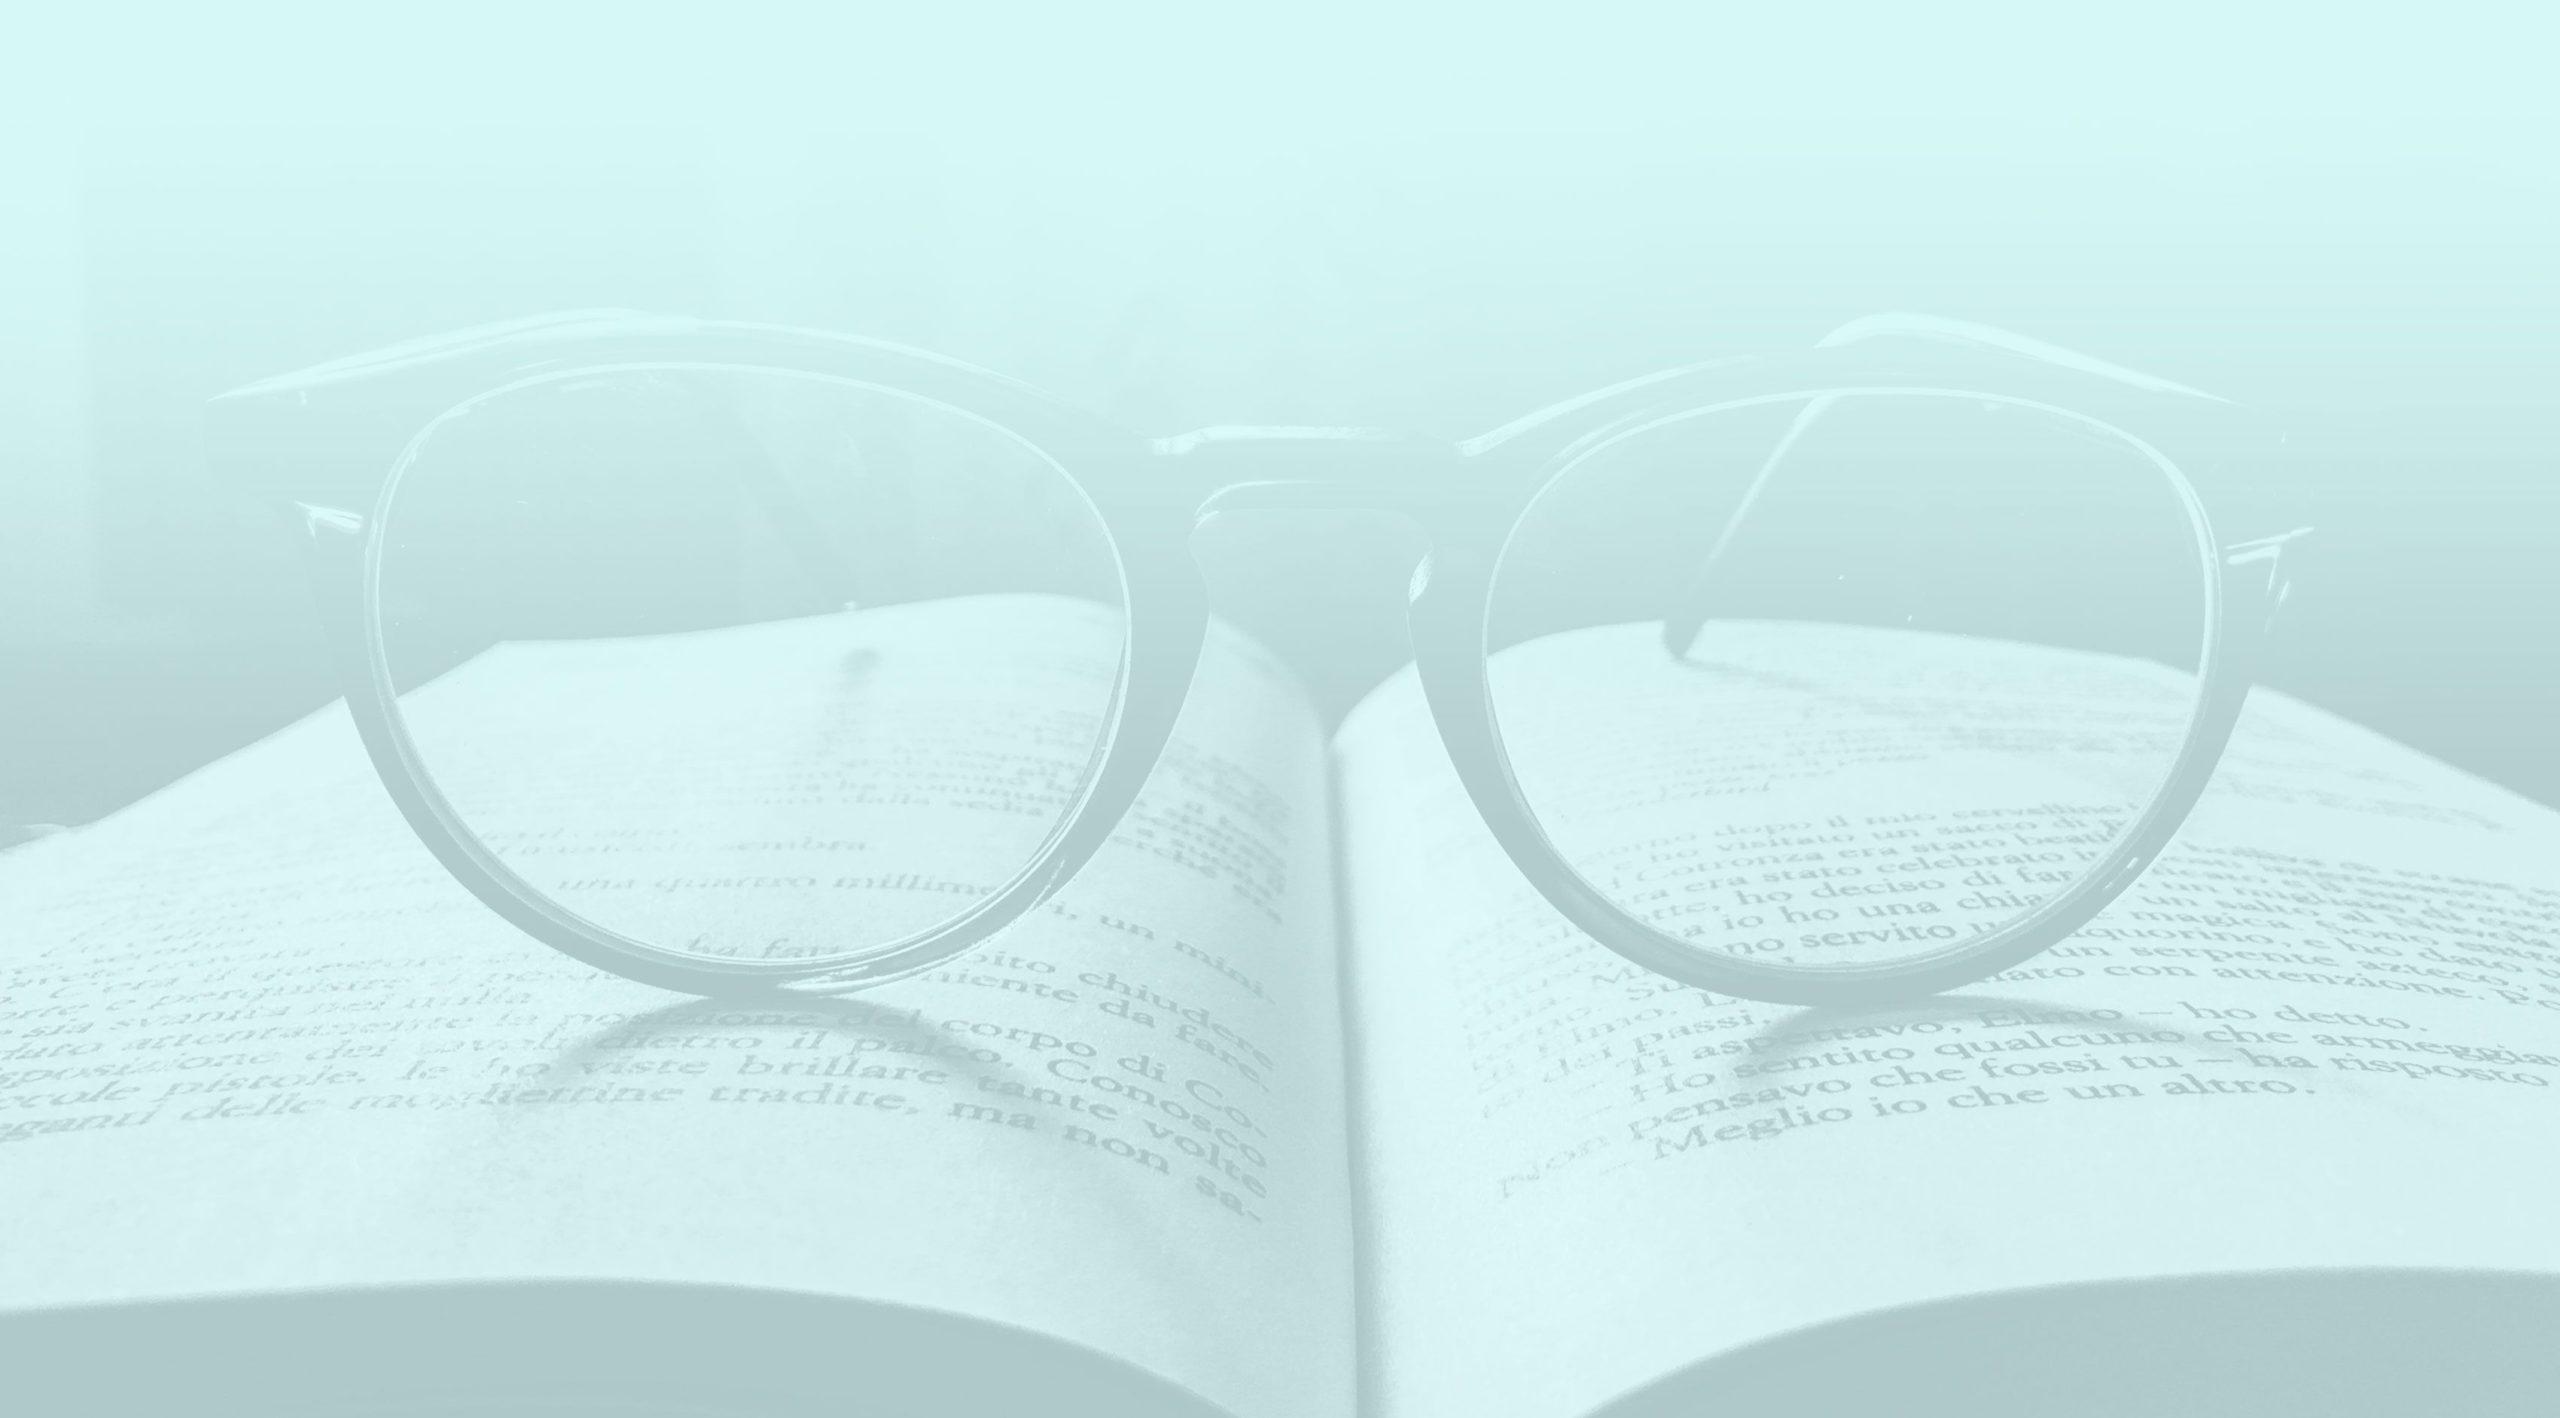 literature-featured-image